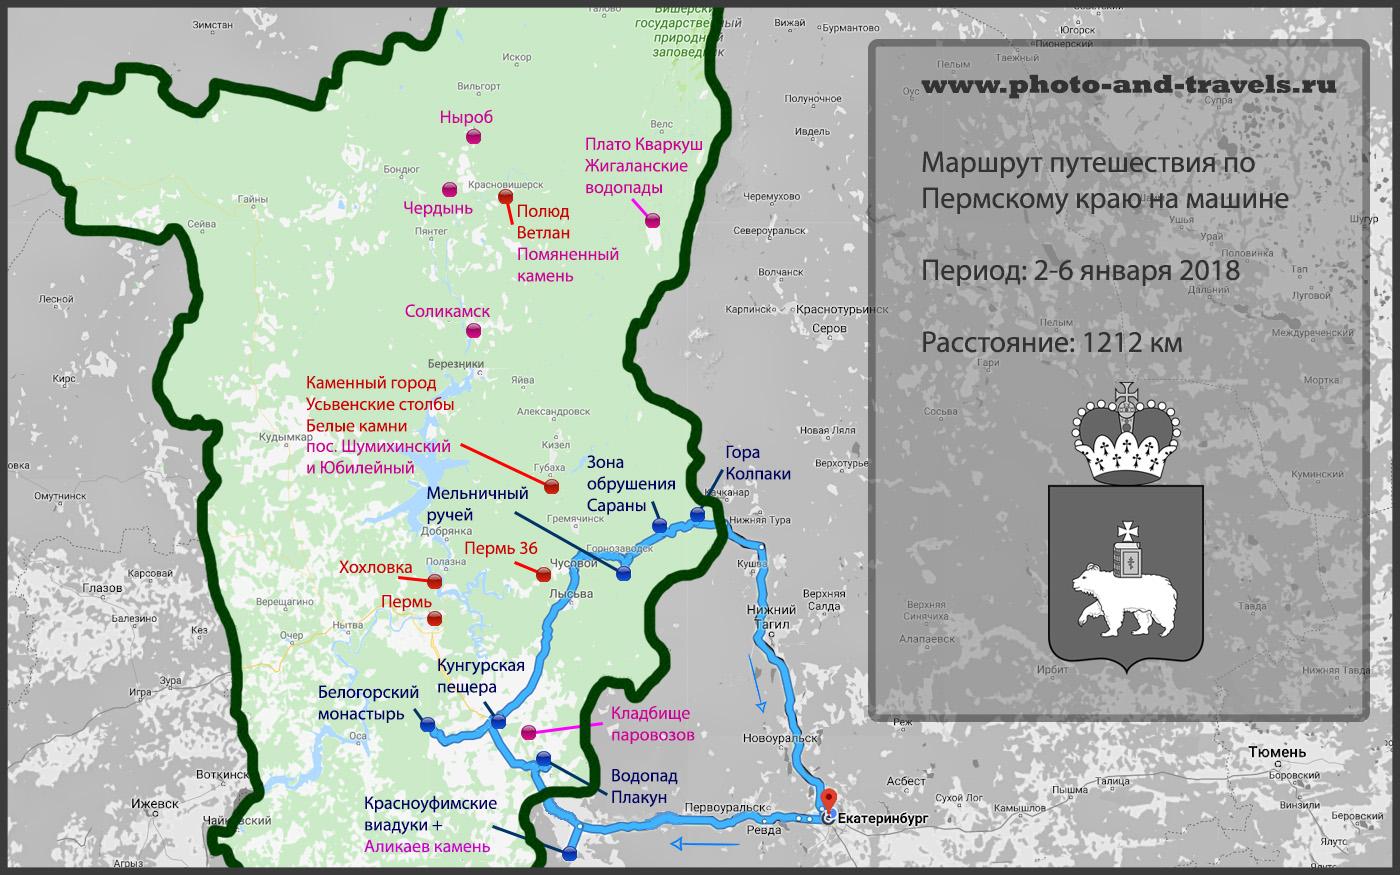 1. Карта маршрута путешествия по Пермскому краю на автомобиле. Синие точки – поездка в 2018, красные – поездка в 2016, фиолетовые – эти достопримечательности еще не видел, но хочу посетить.